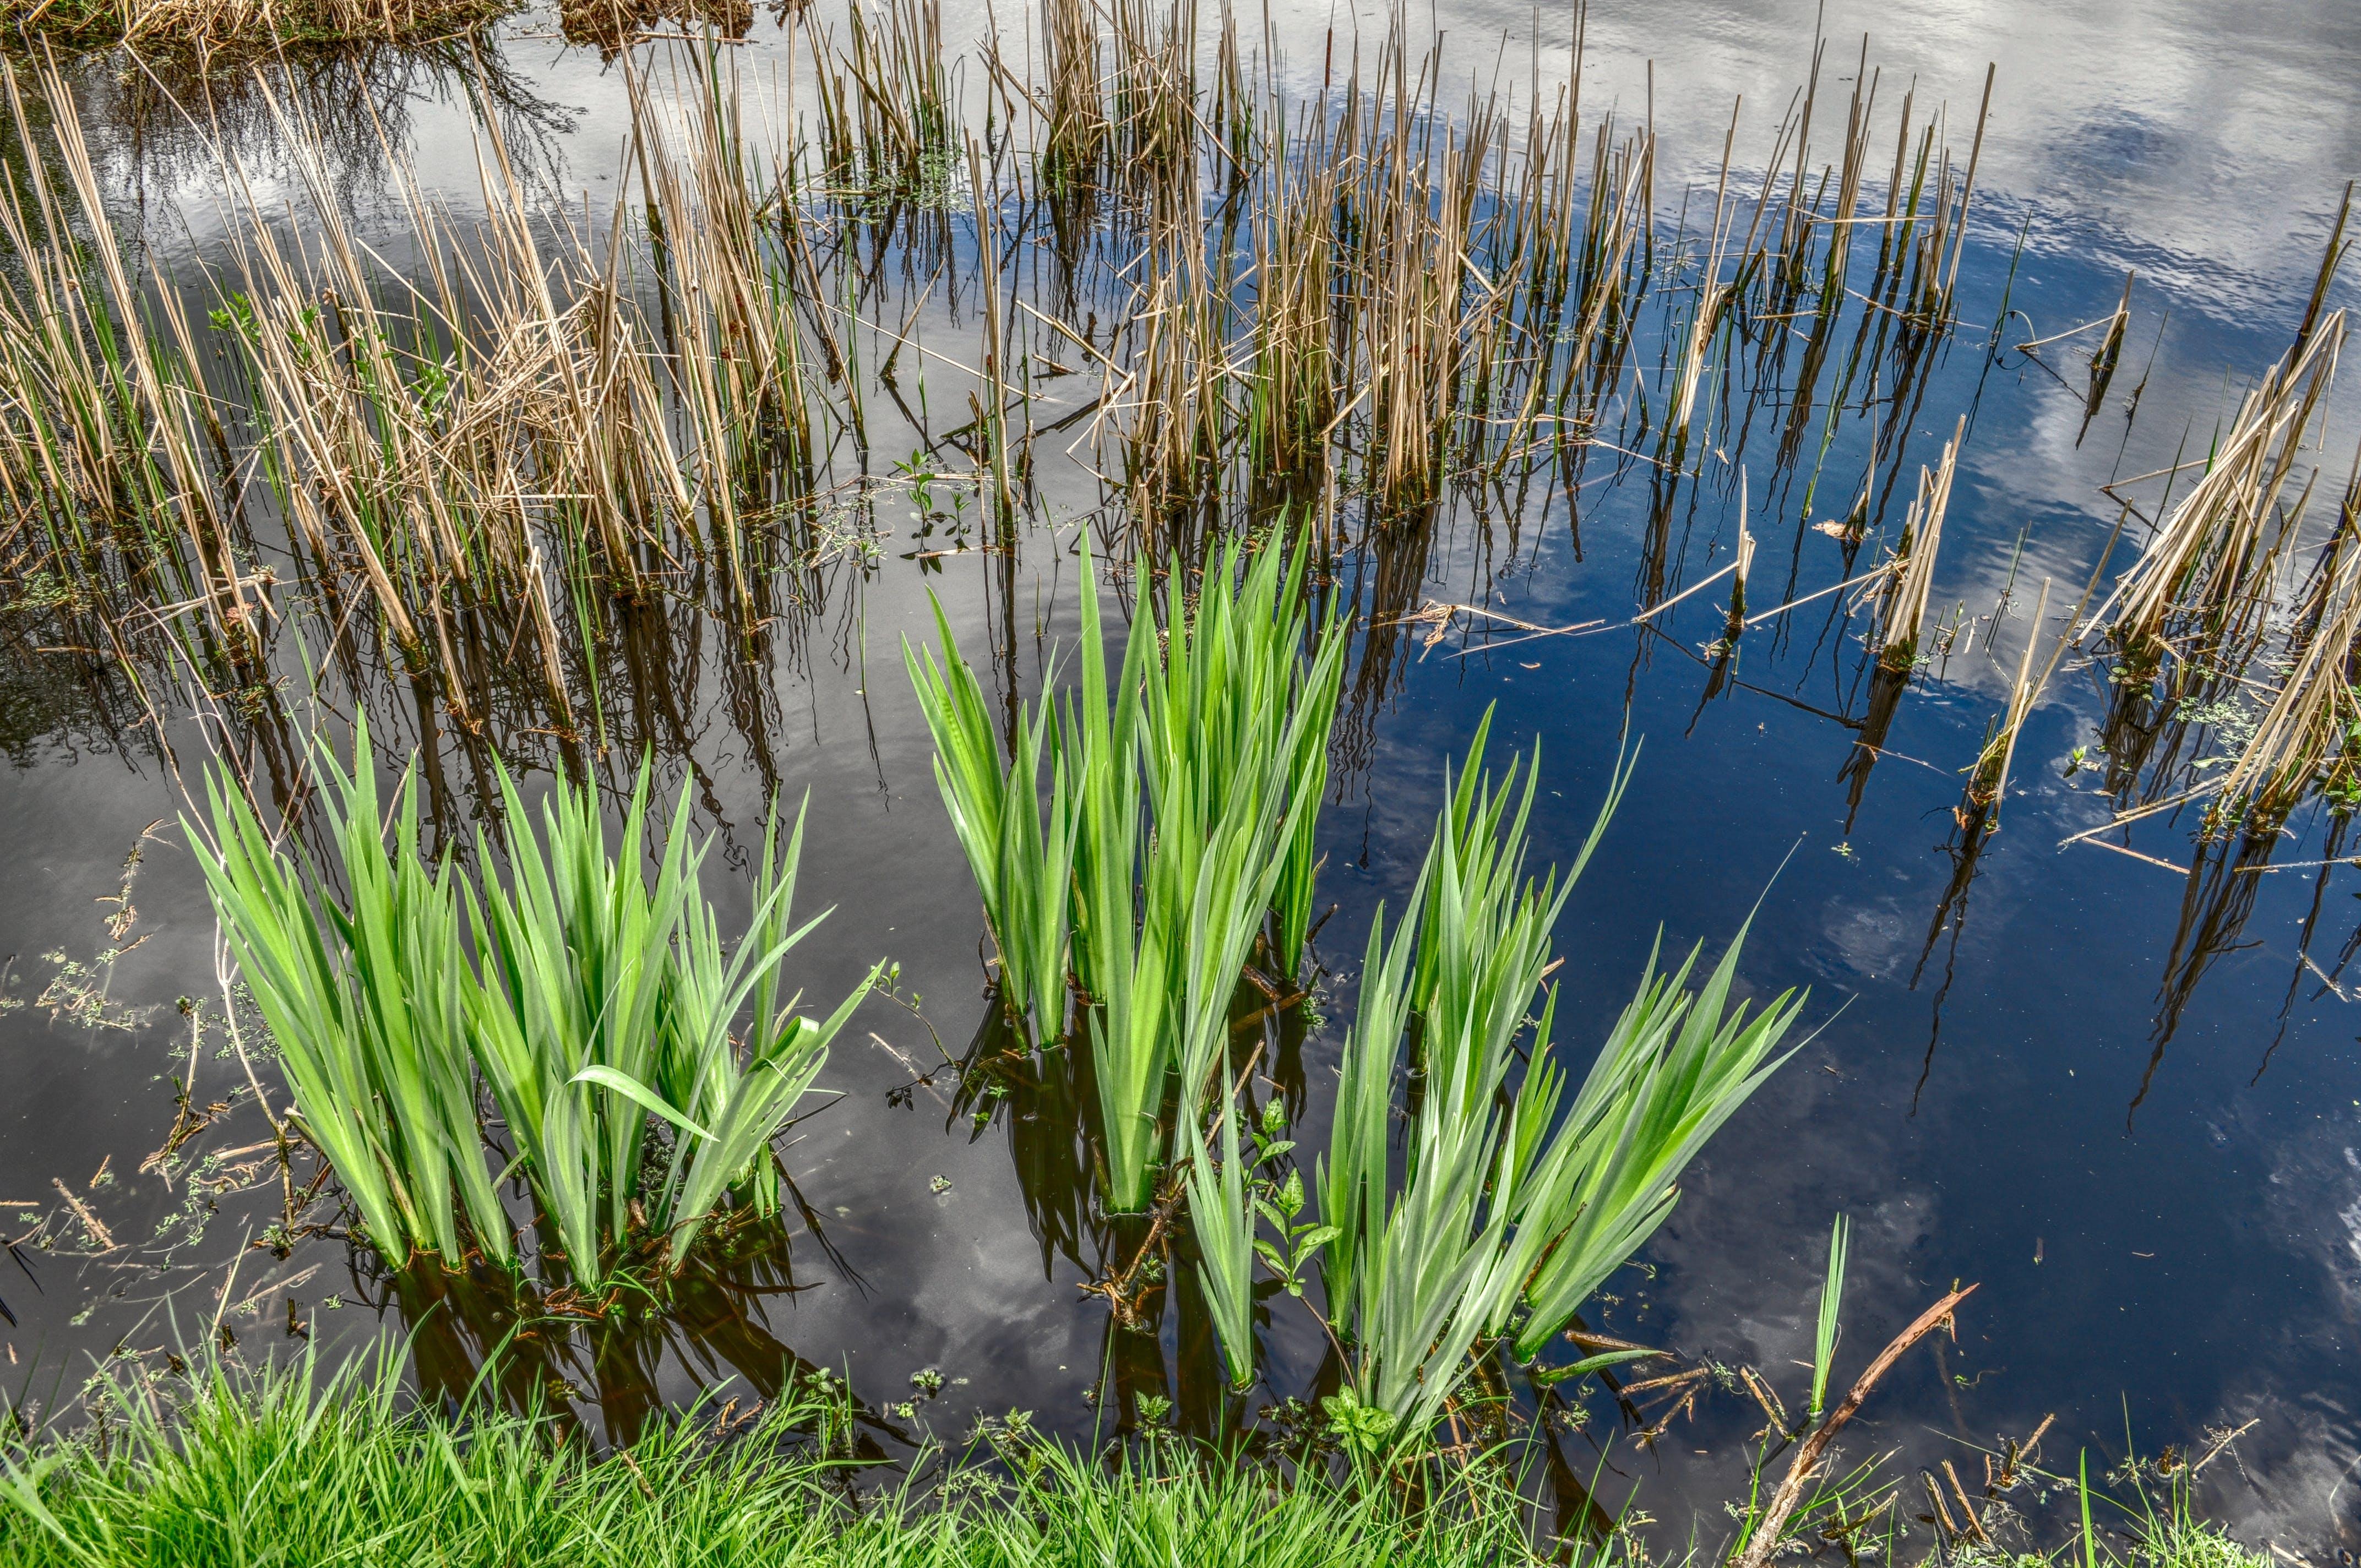 Прибрежные растения в водоемах: камыш, рогоз и прочие